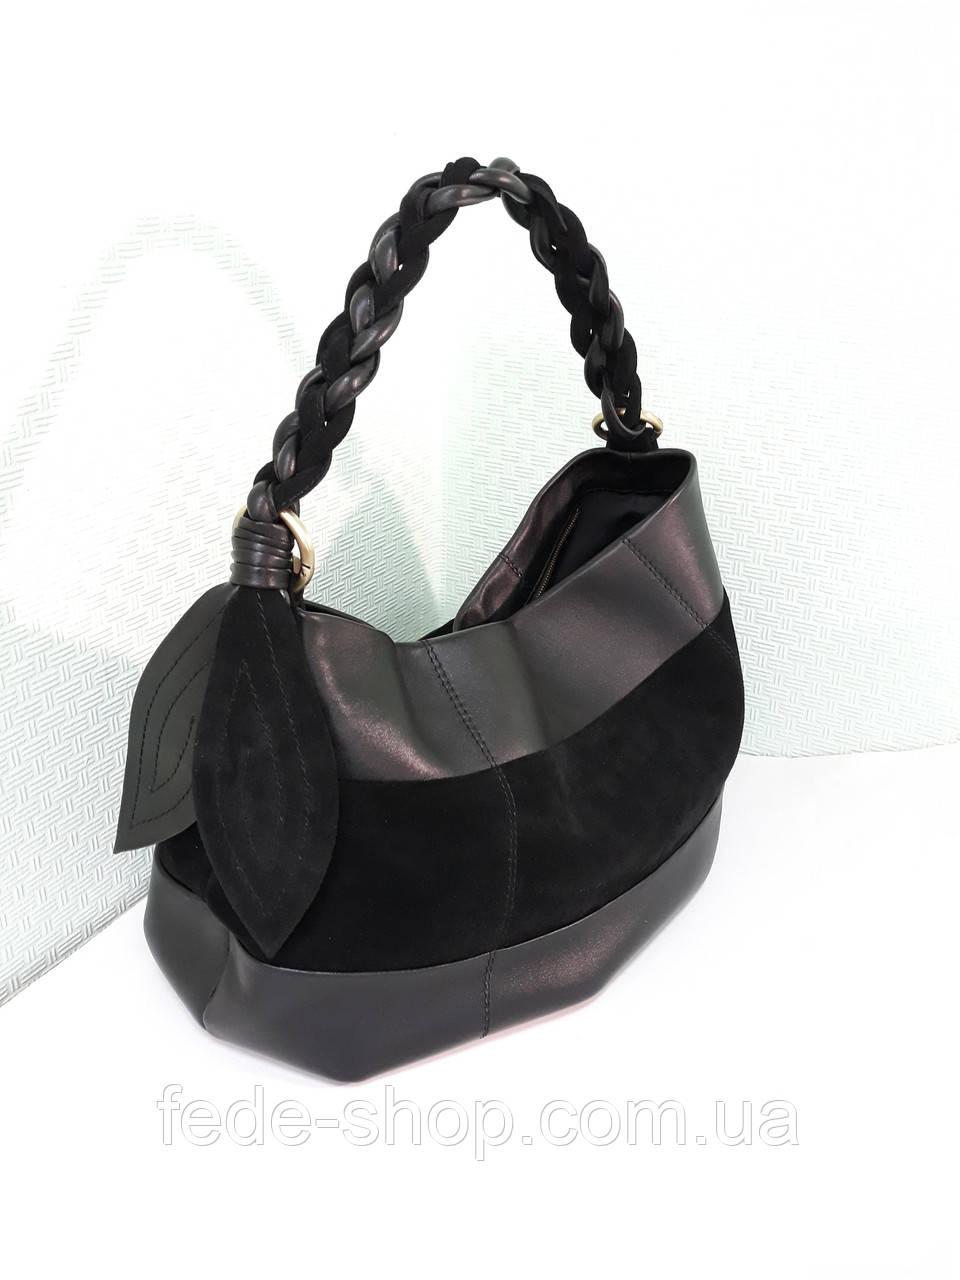 863f943ad6a2 Мягкая сумка-мешок чёрная кожа, цена 3 060 грн., купить в Киеве ...